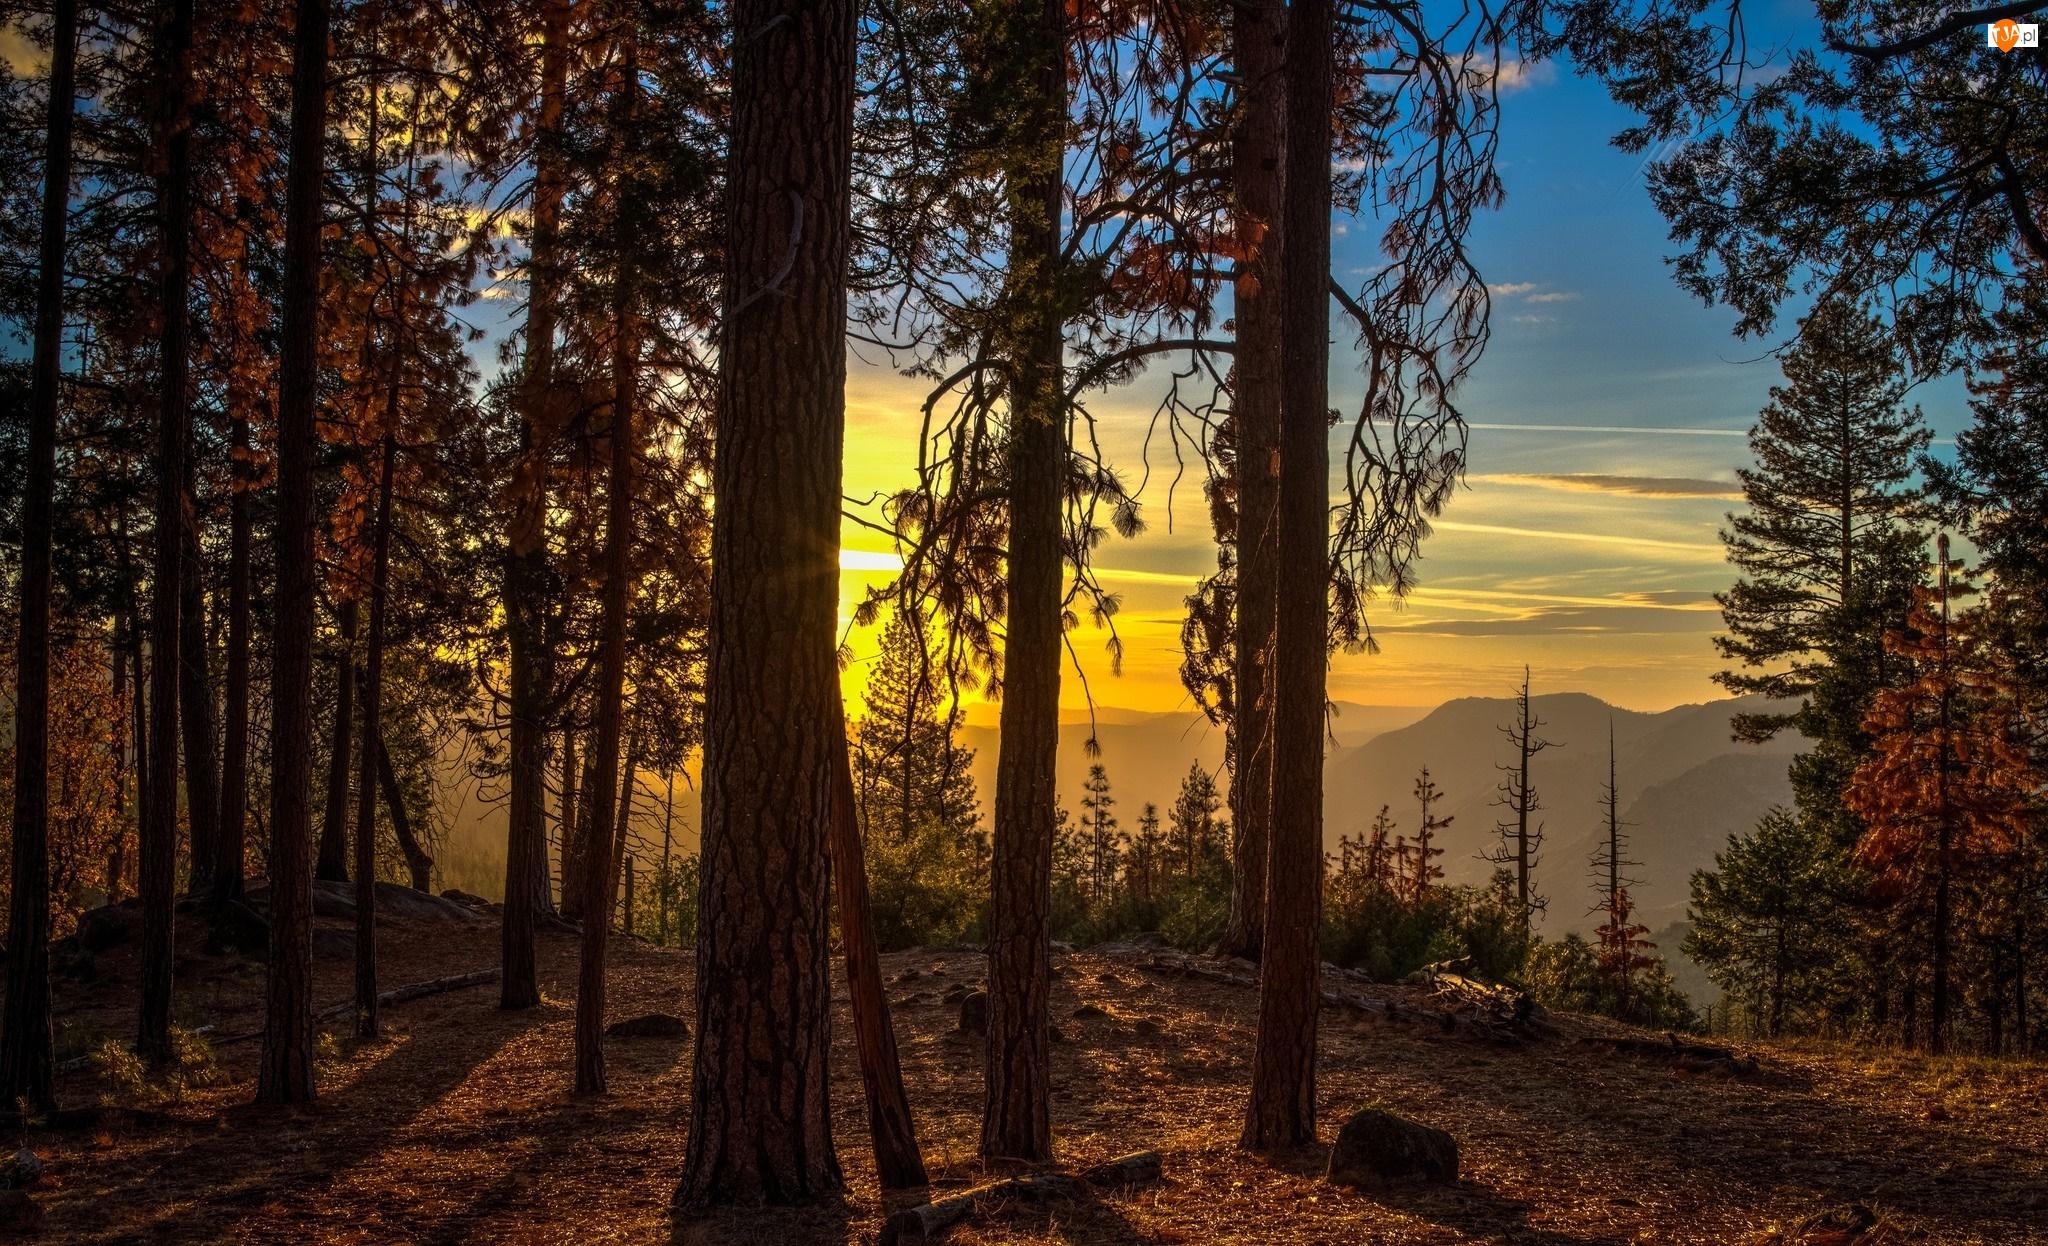 Wschód słońca, Drzewa, Stan Kalifornia, Stany Zjednoczone, Góry, Park Narodowy Yosemite, Las